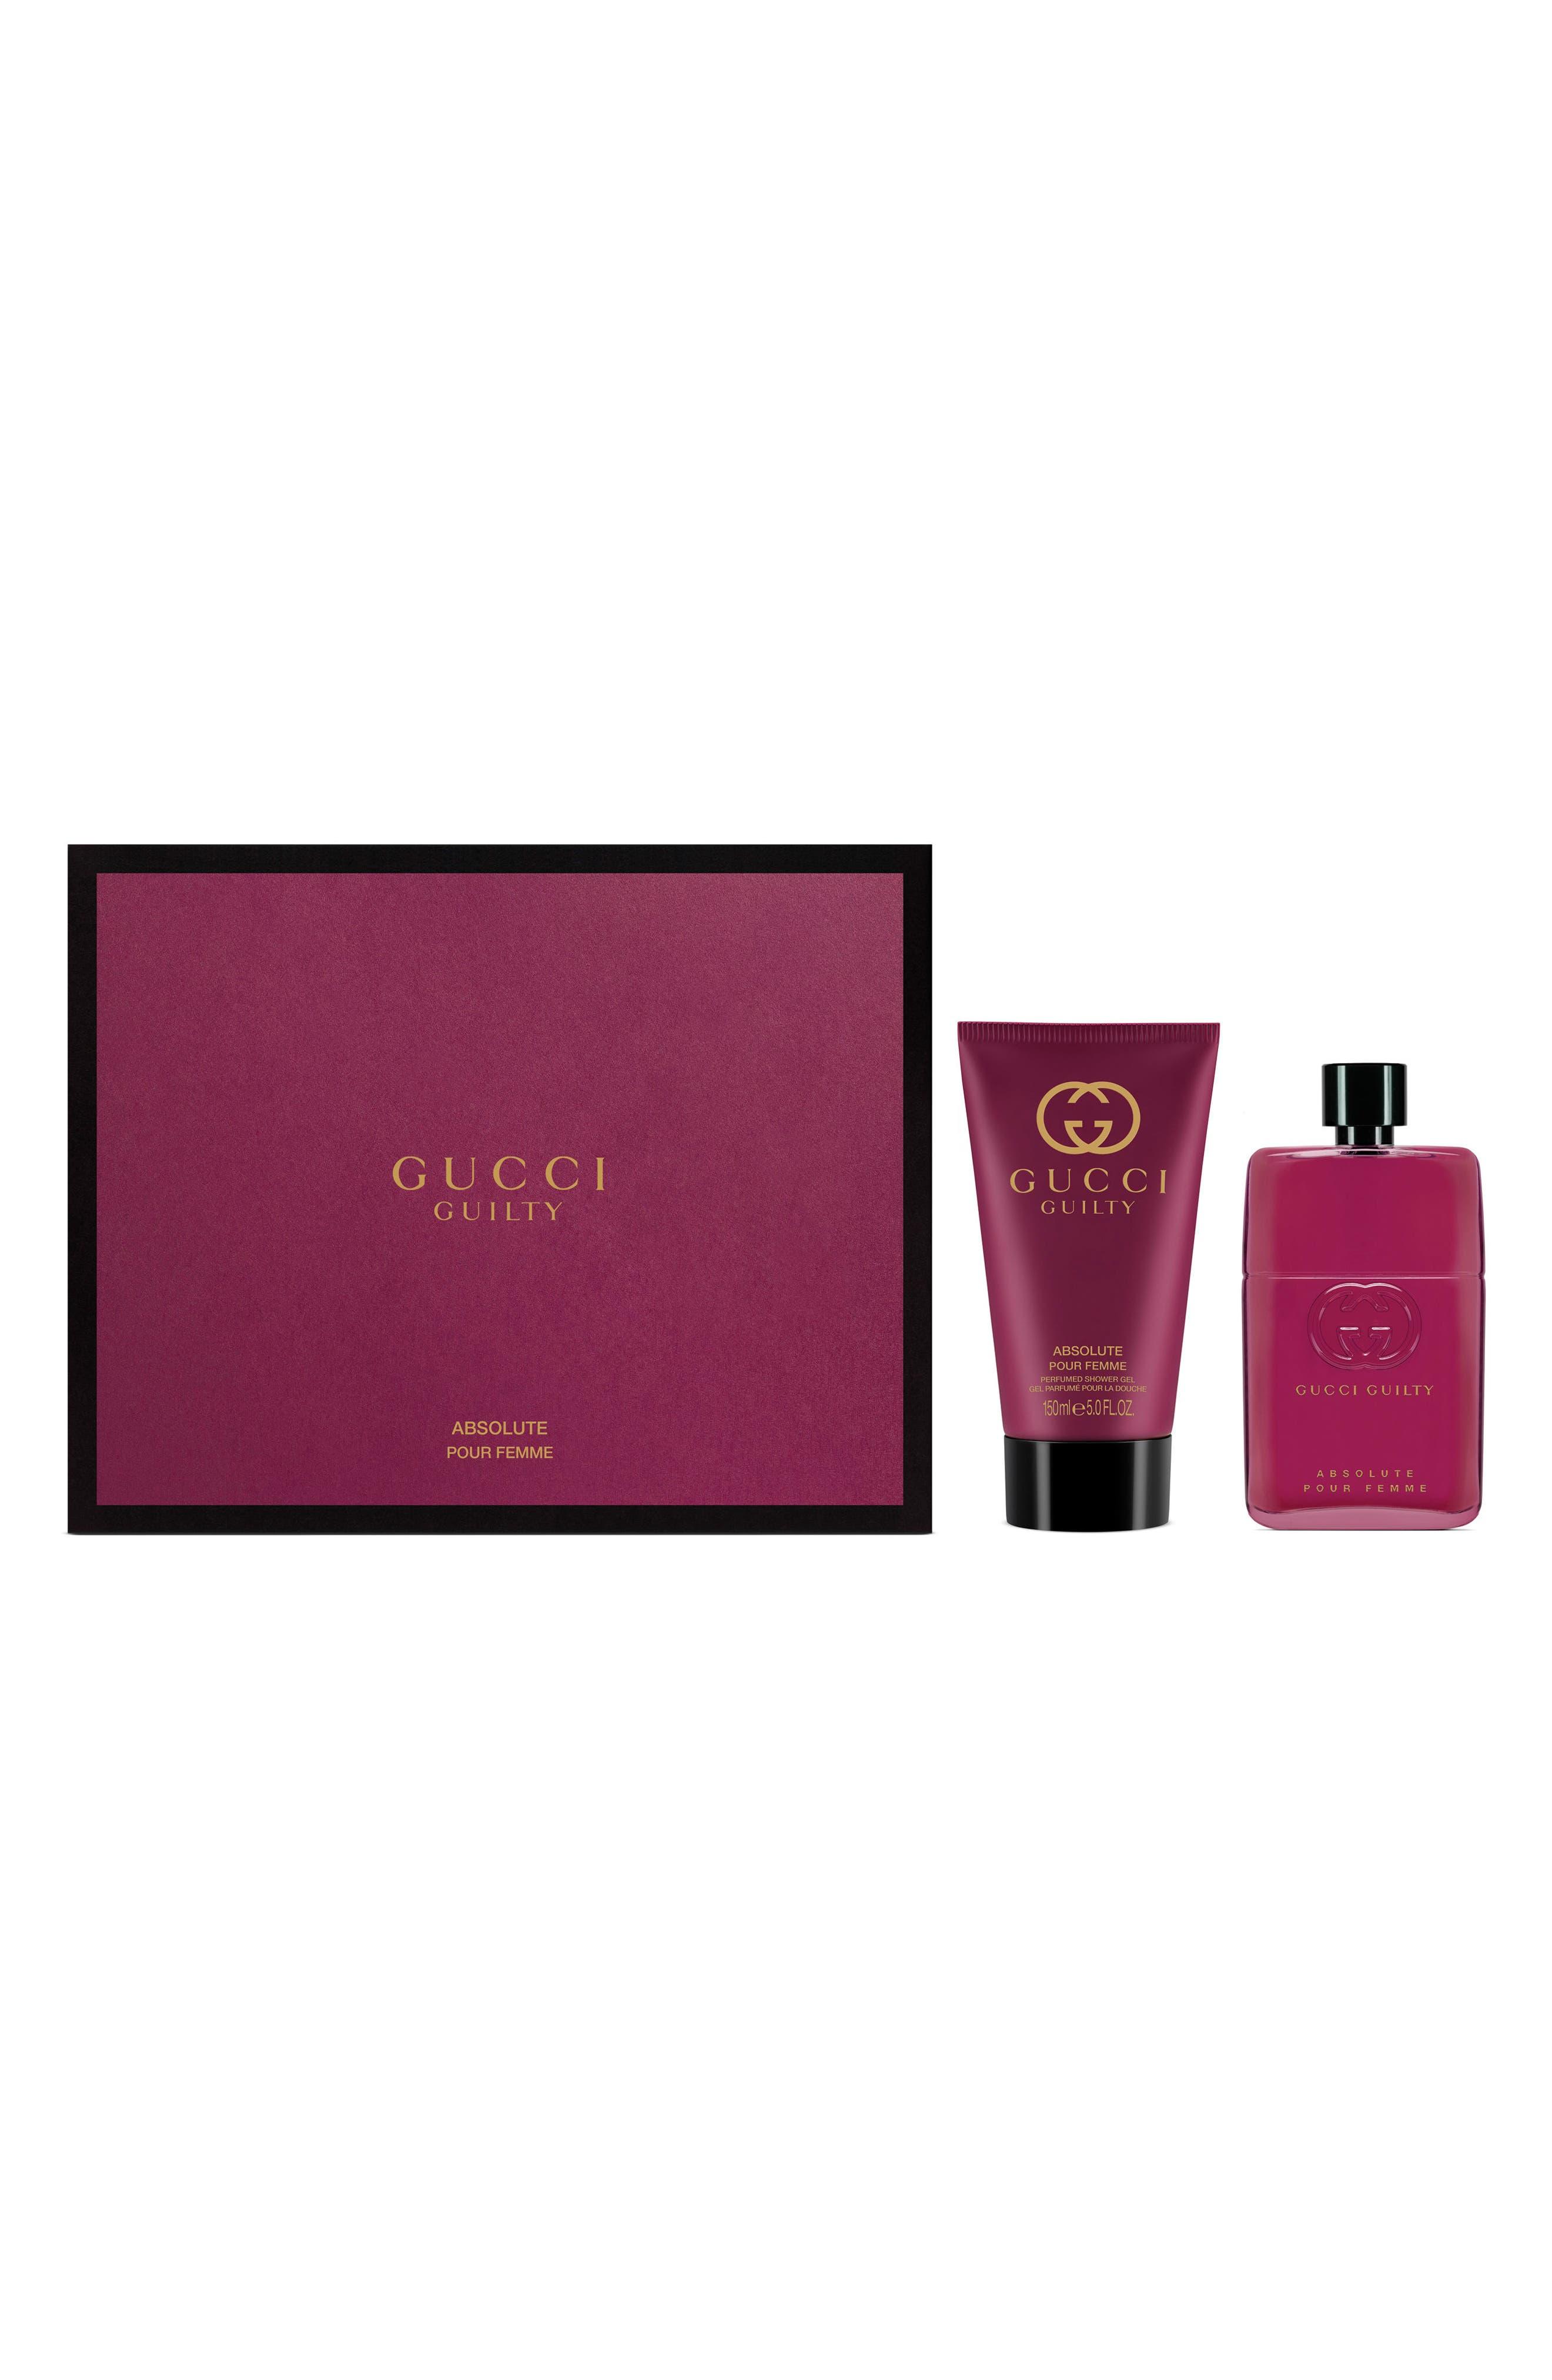 Guilty Absolute Pour Femme Eau de Parfum Set,                             Main thumbnail 1, color,                             No Color